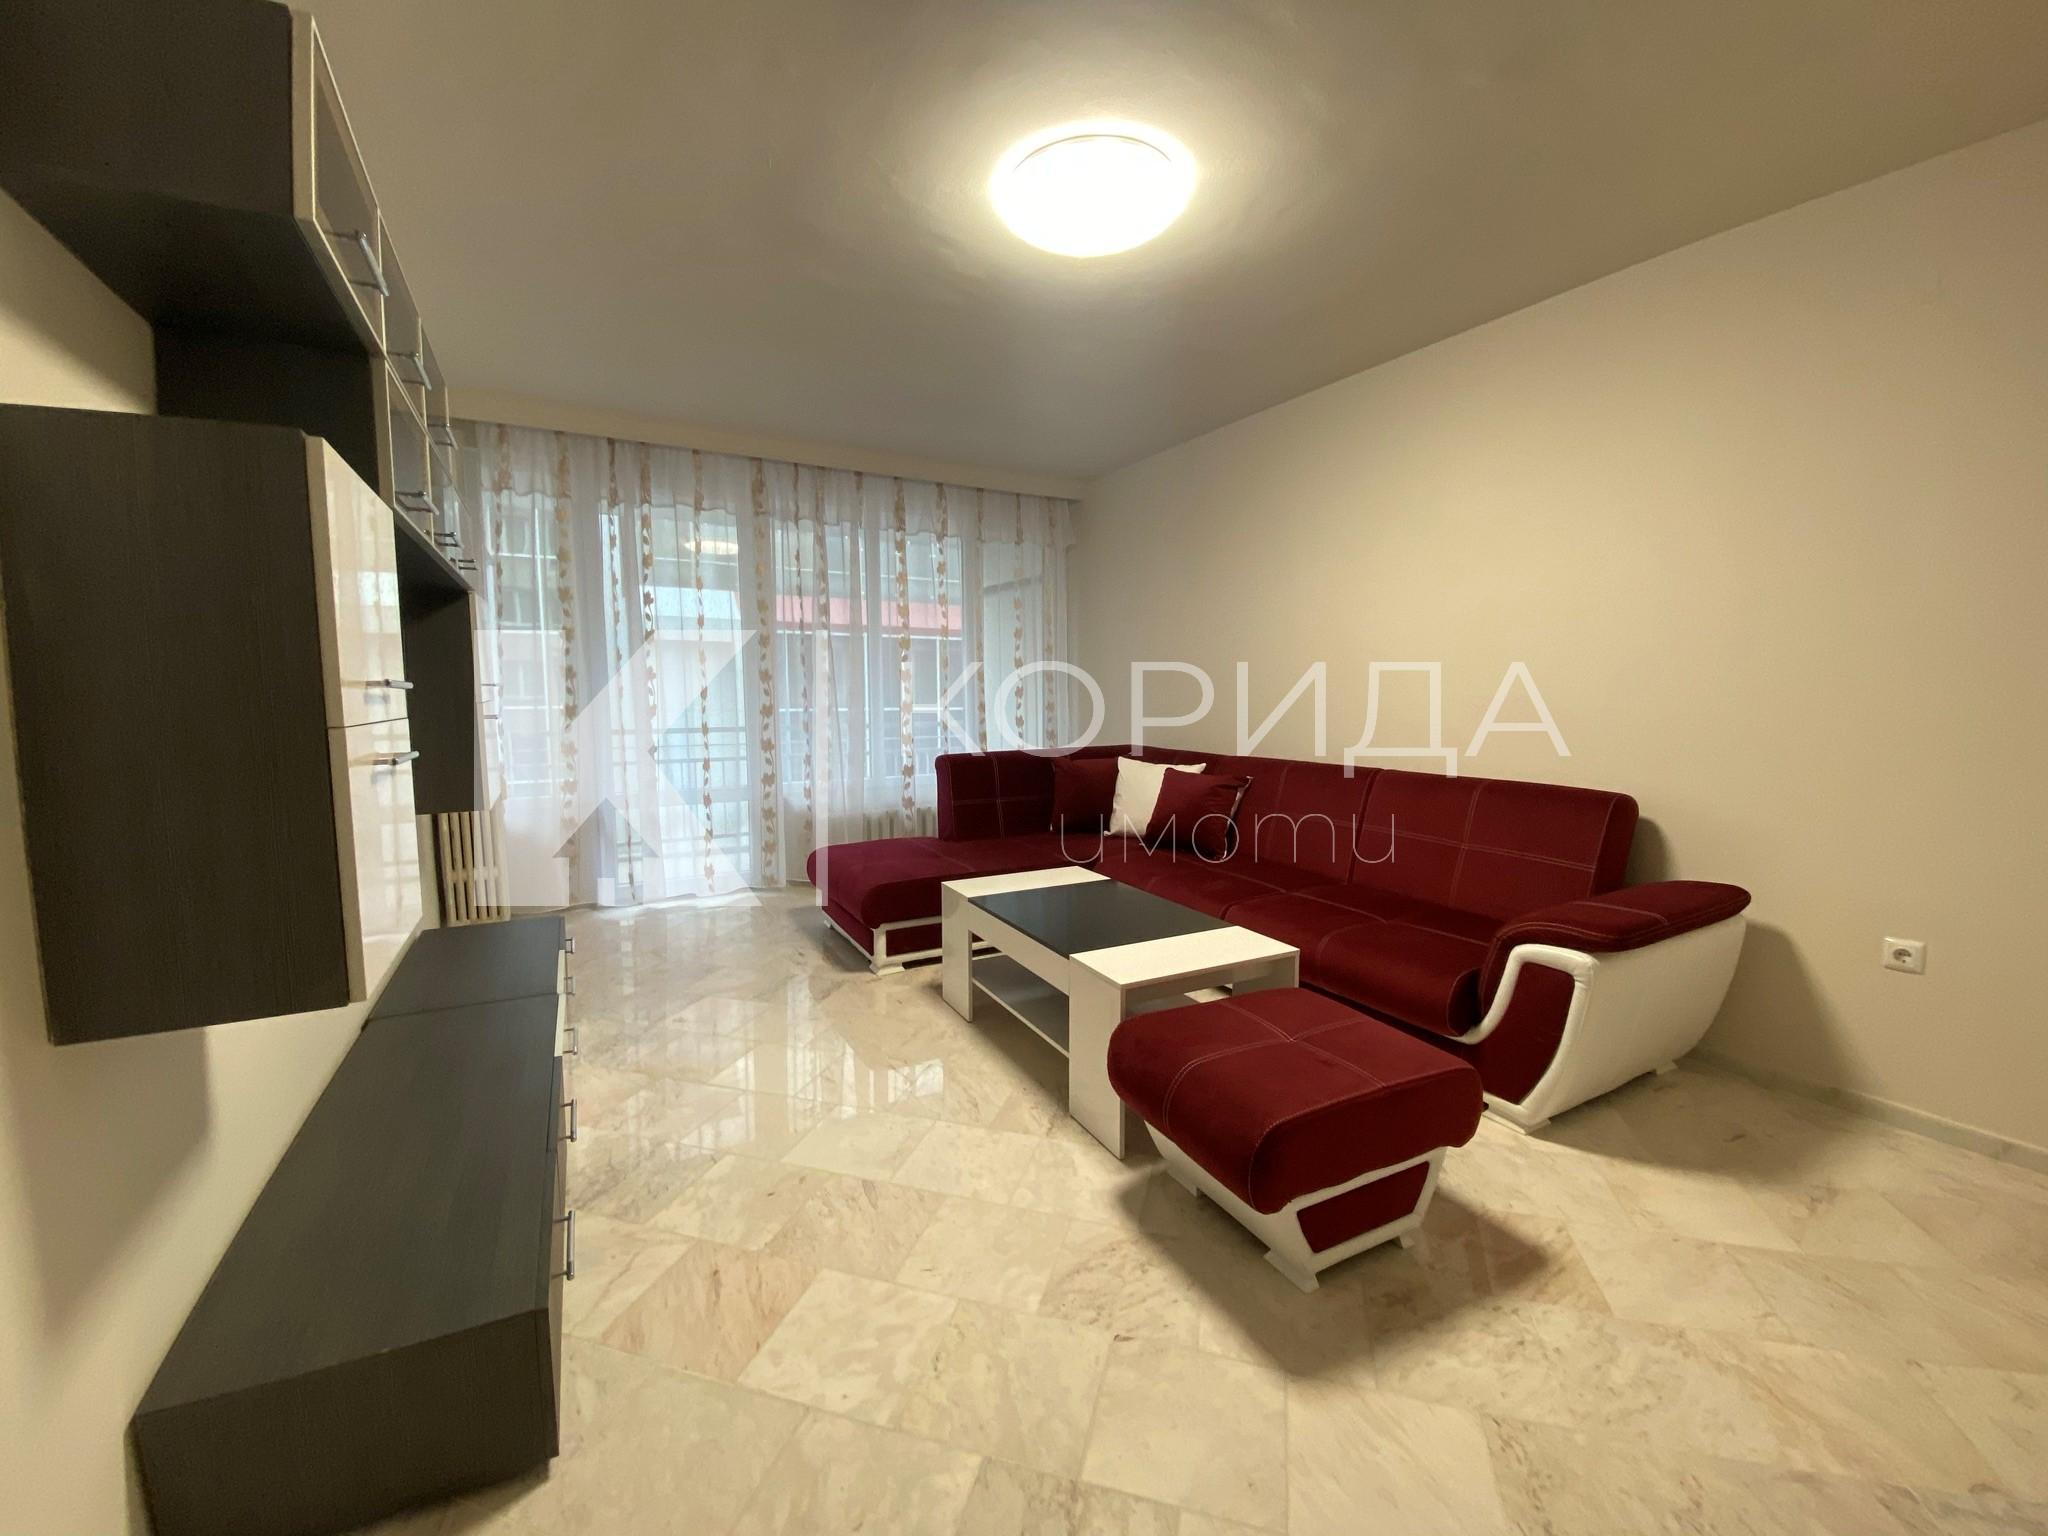 Ремонтиран и обзаведен 2-стаен апартамент на ул. Чумерна